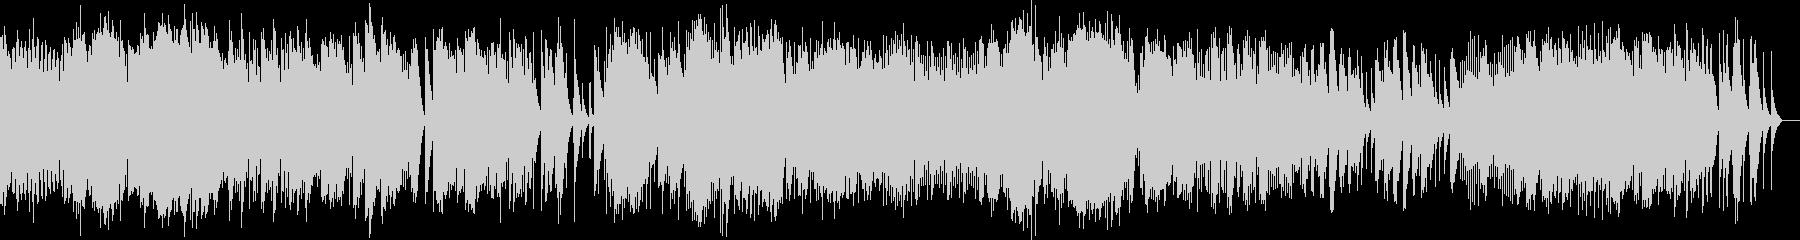 2つのアラベスク 第2番 (オルゴール)の未再生の波形